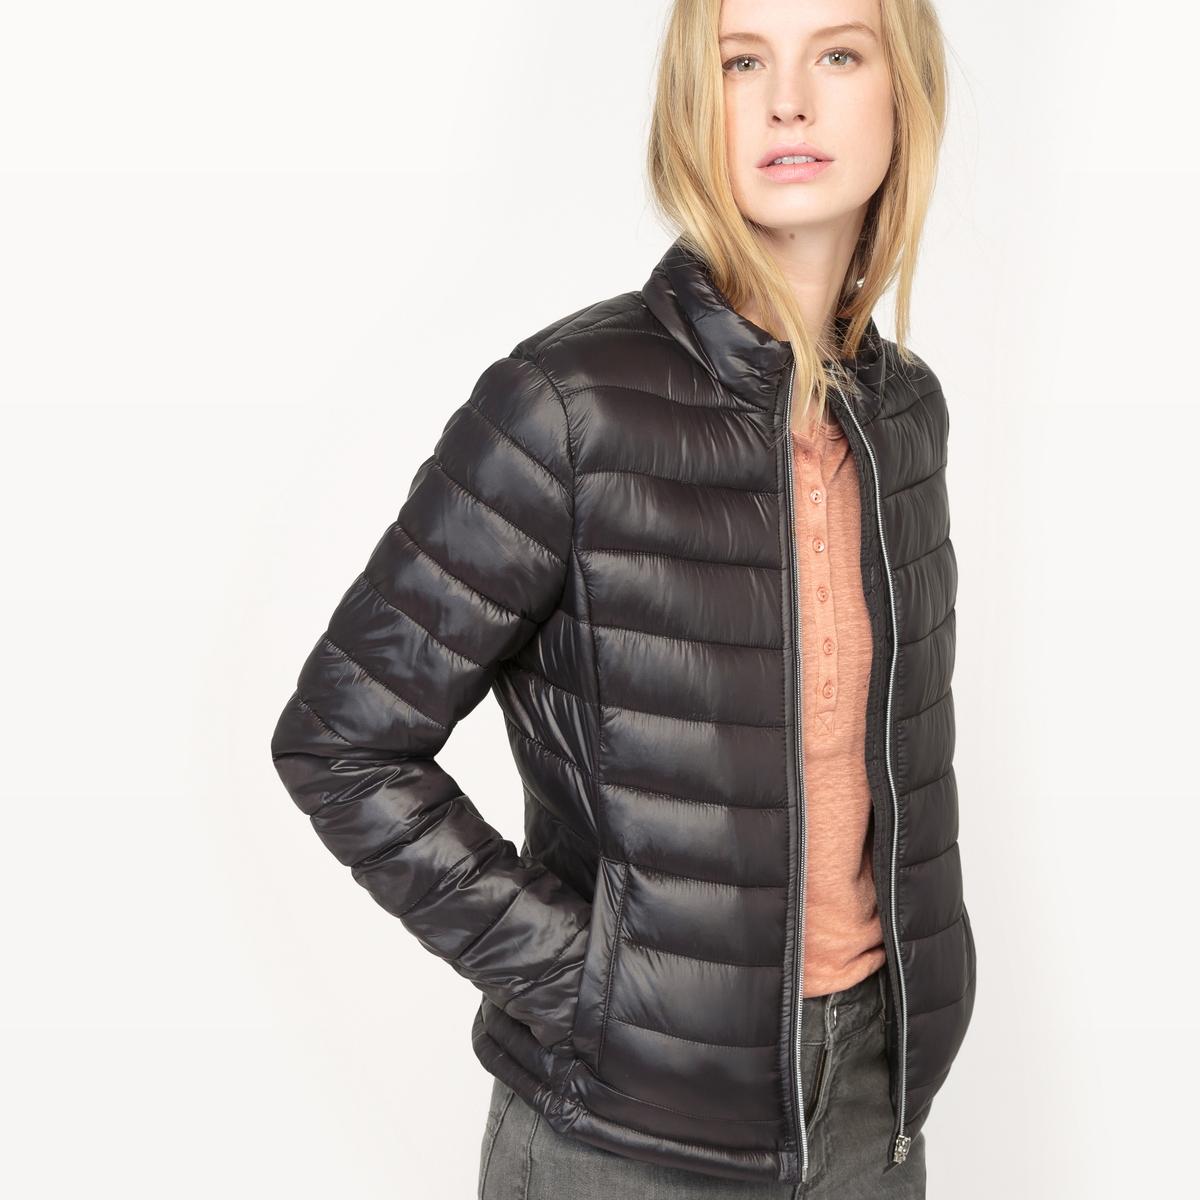 Куртка стеганая тонкаяМатериал : 100% полиамид  Тип застежки : застежка на молнию   Форма воротника : круглый вырез  Длина куртки : короткая  Рисунок : однотонная модель<br><br>Цвет: светло-розовый,черный